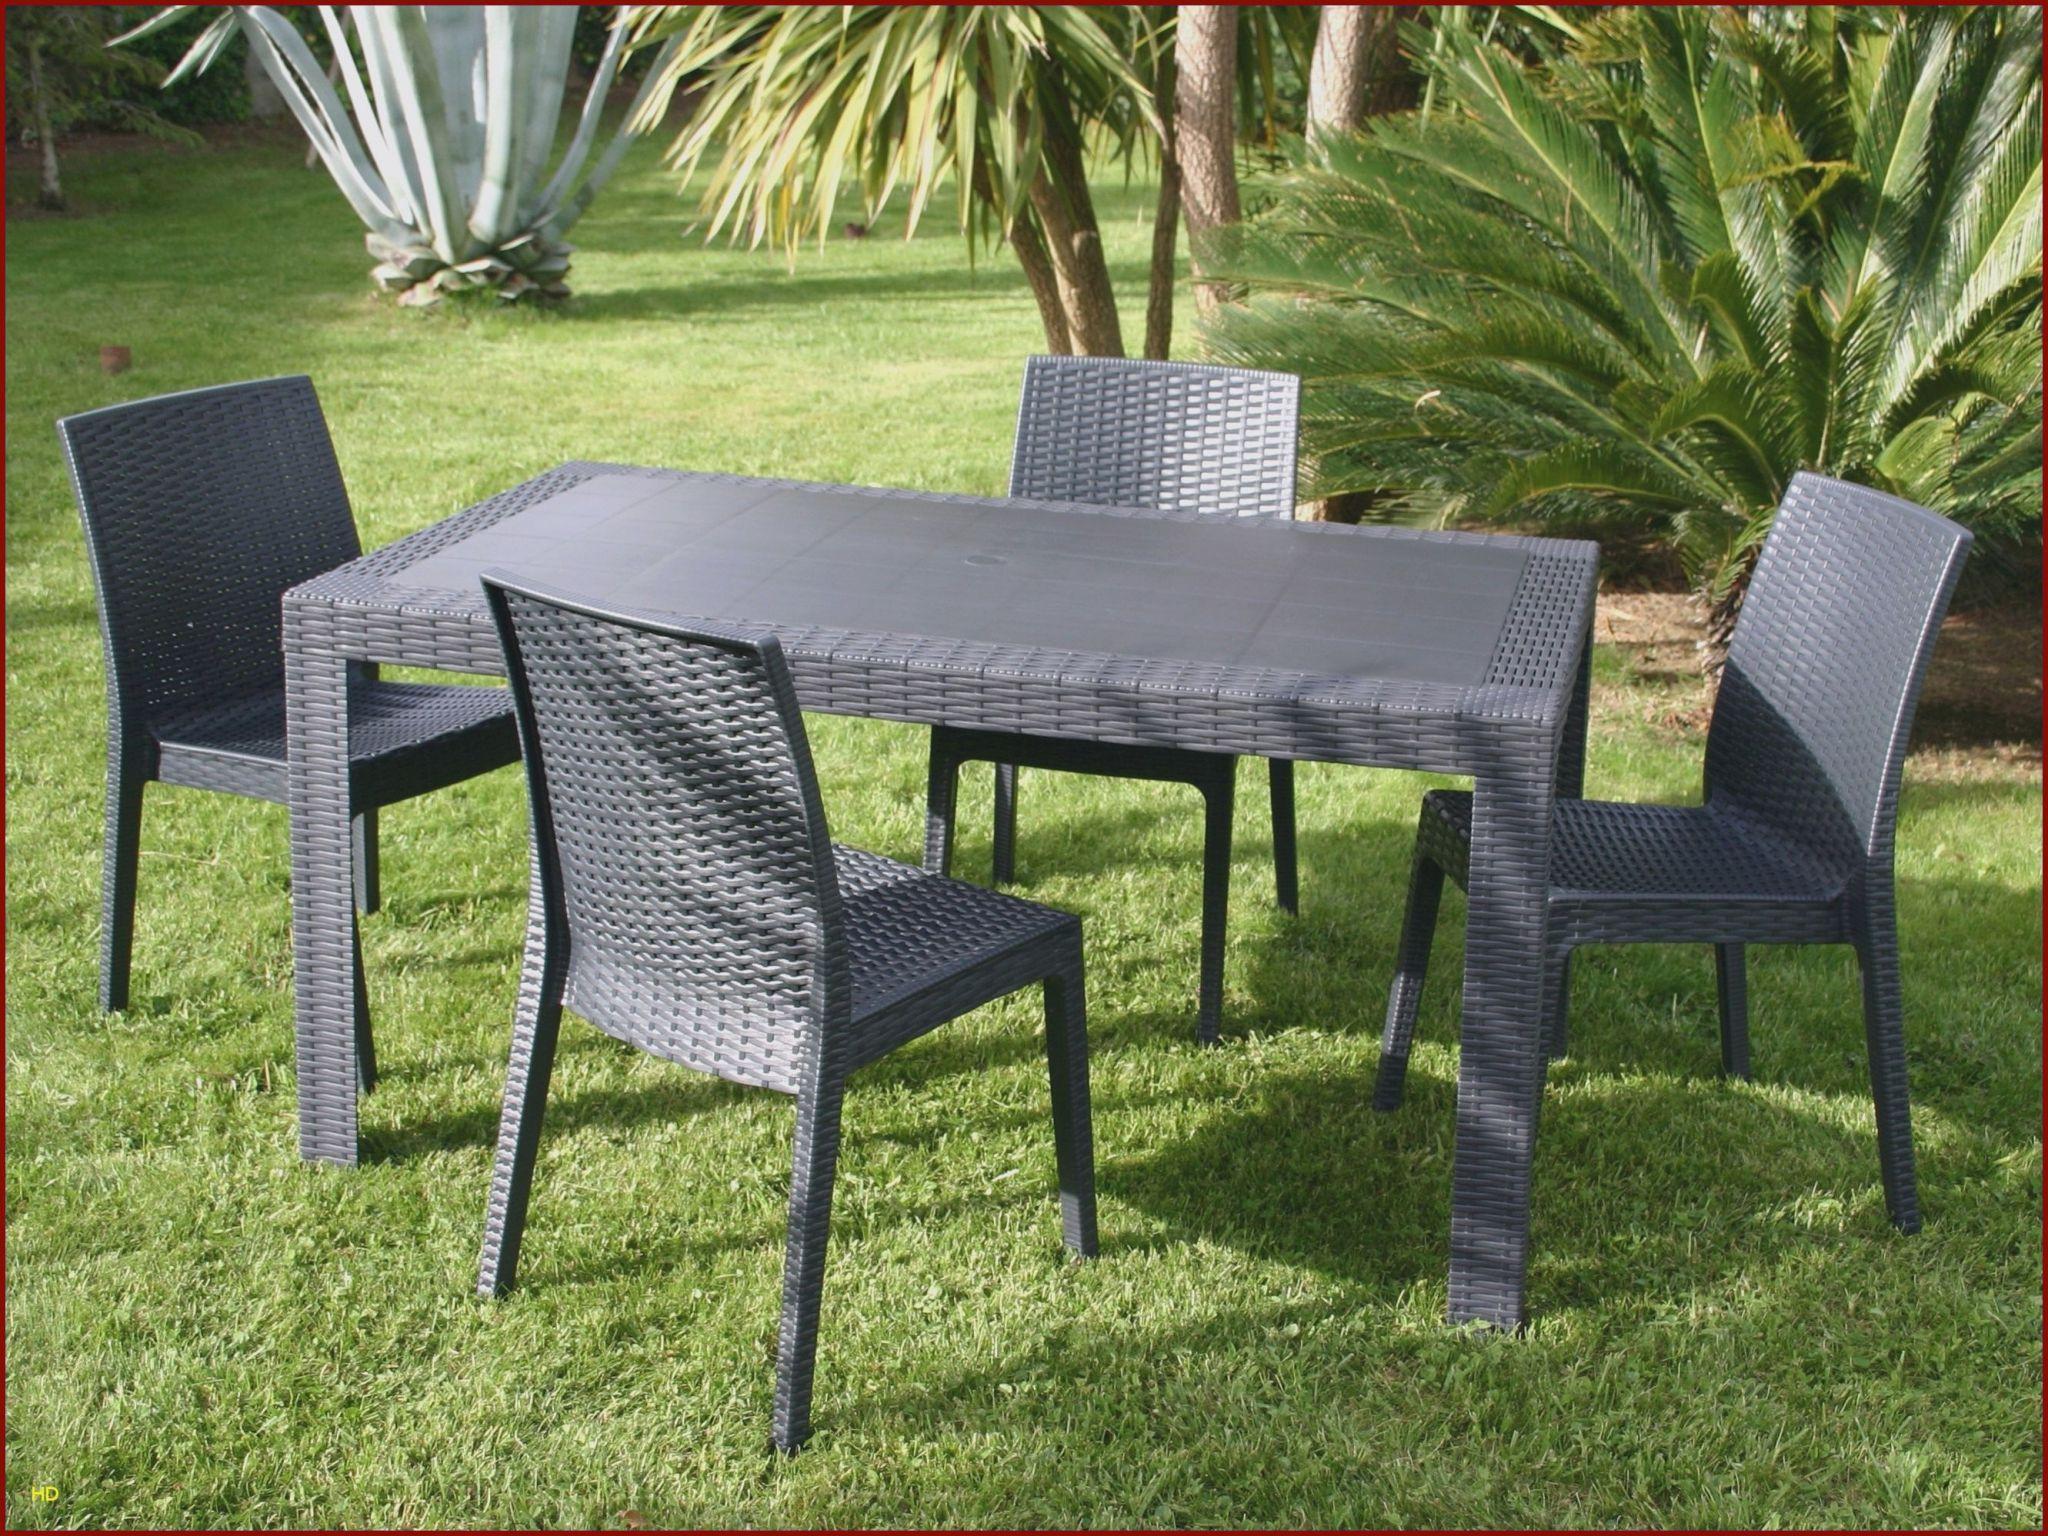 Mobilier Exterieur Pas Cher Best Of 36 Table De Jardin Avec ... à Mobilier Extarieur Pas Cher